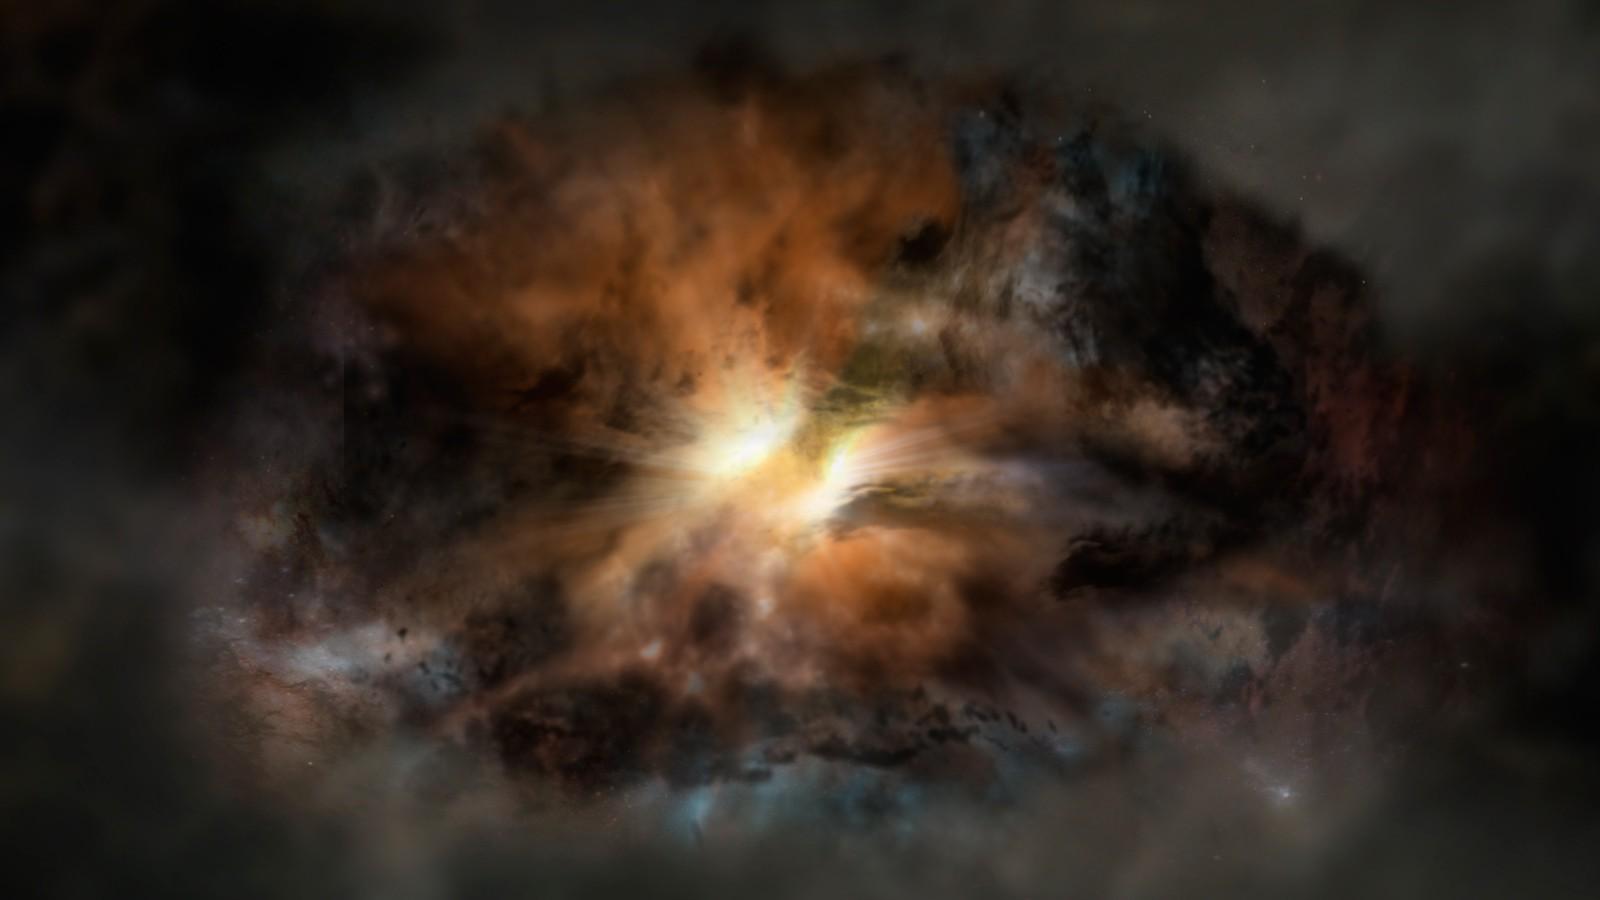 Galáxia W2246-0526, a mais luminosa do universo (Foto: NRAO/AUI/NSF; Dana Berry / SkyWorks; ALMA (ESO/NAOJ/NRAO))